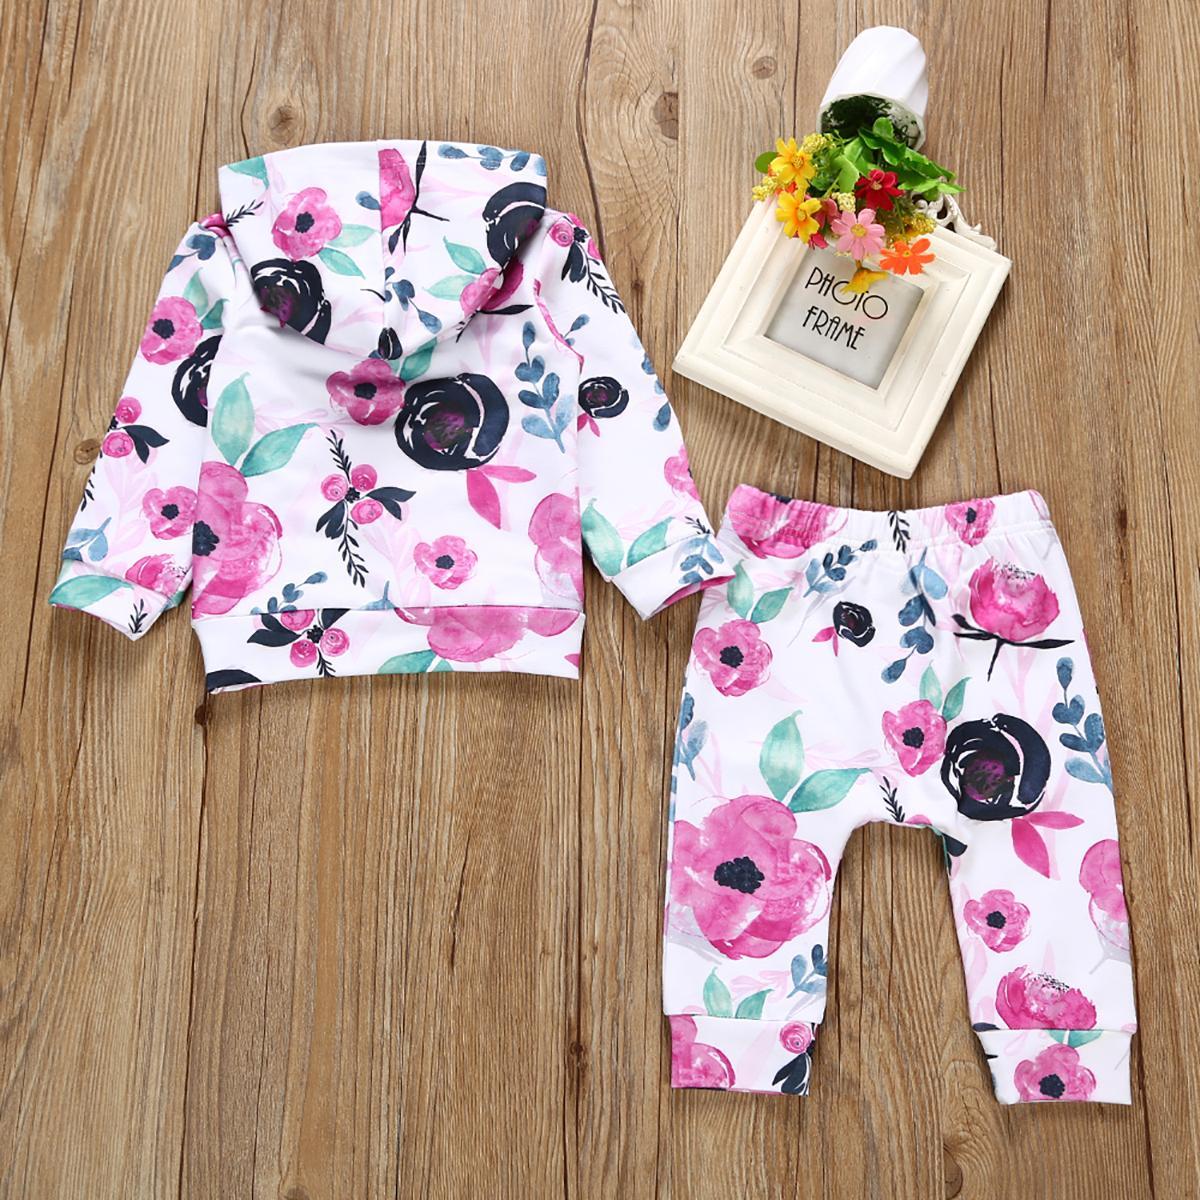 Neonate cappuccio maglietta bambino neonato vestiti del bambino Set bella Infant Tops + Long Pants Outfits Abbigliamento